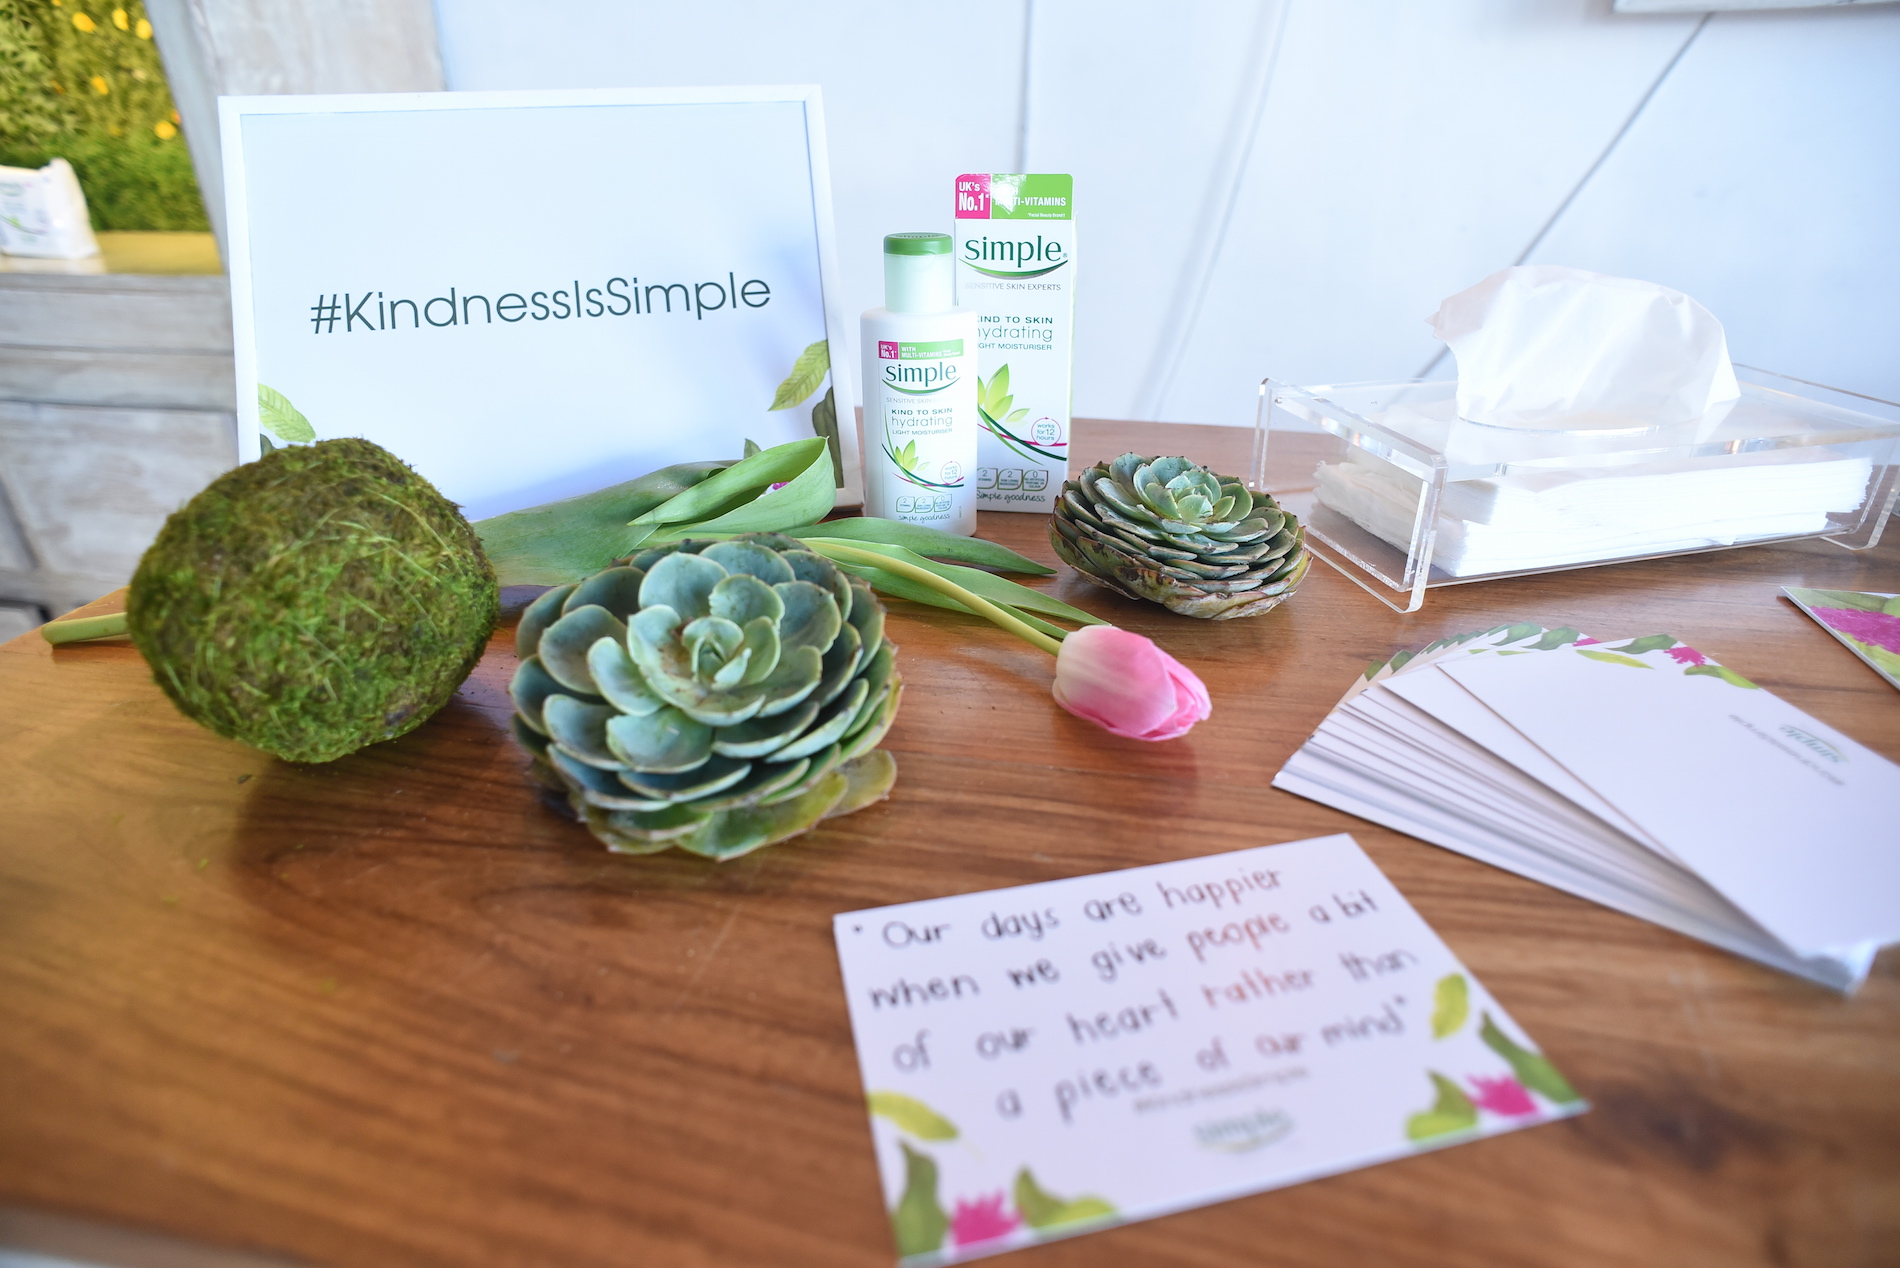 #KindnessIsSimple 2